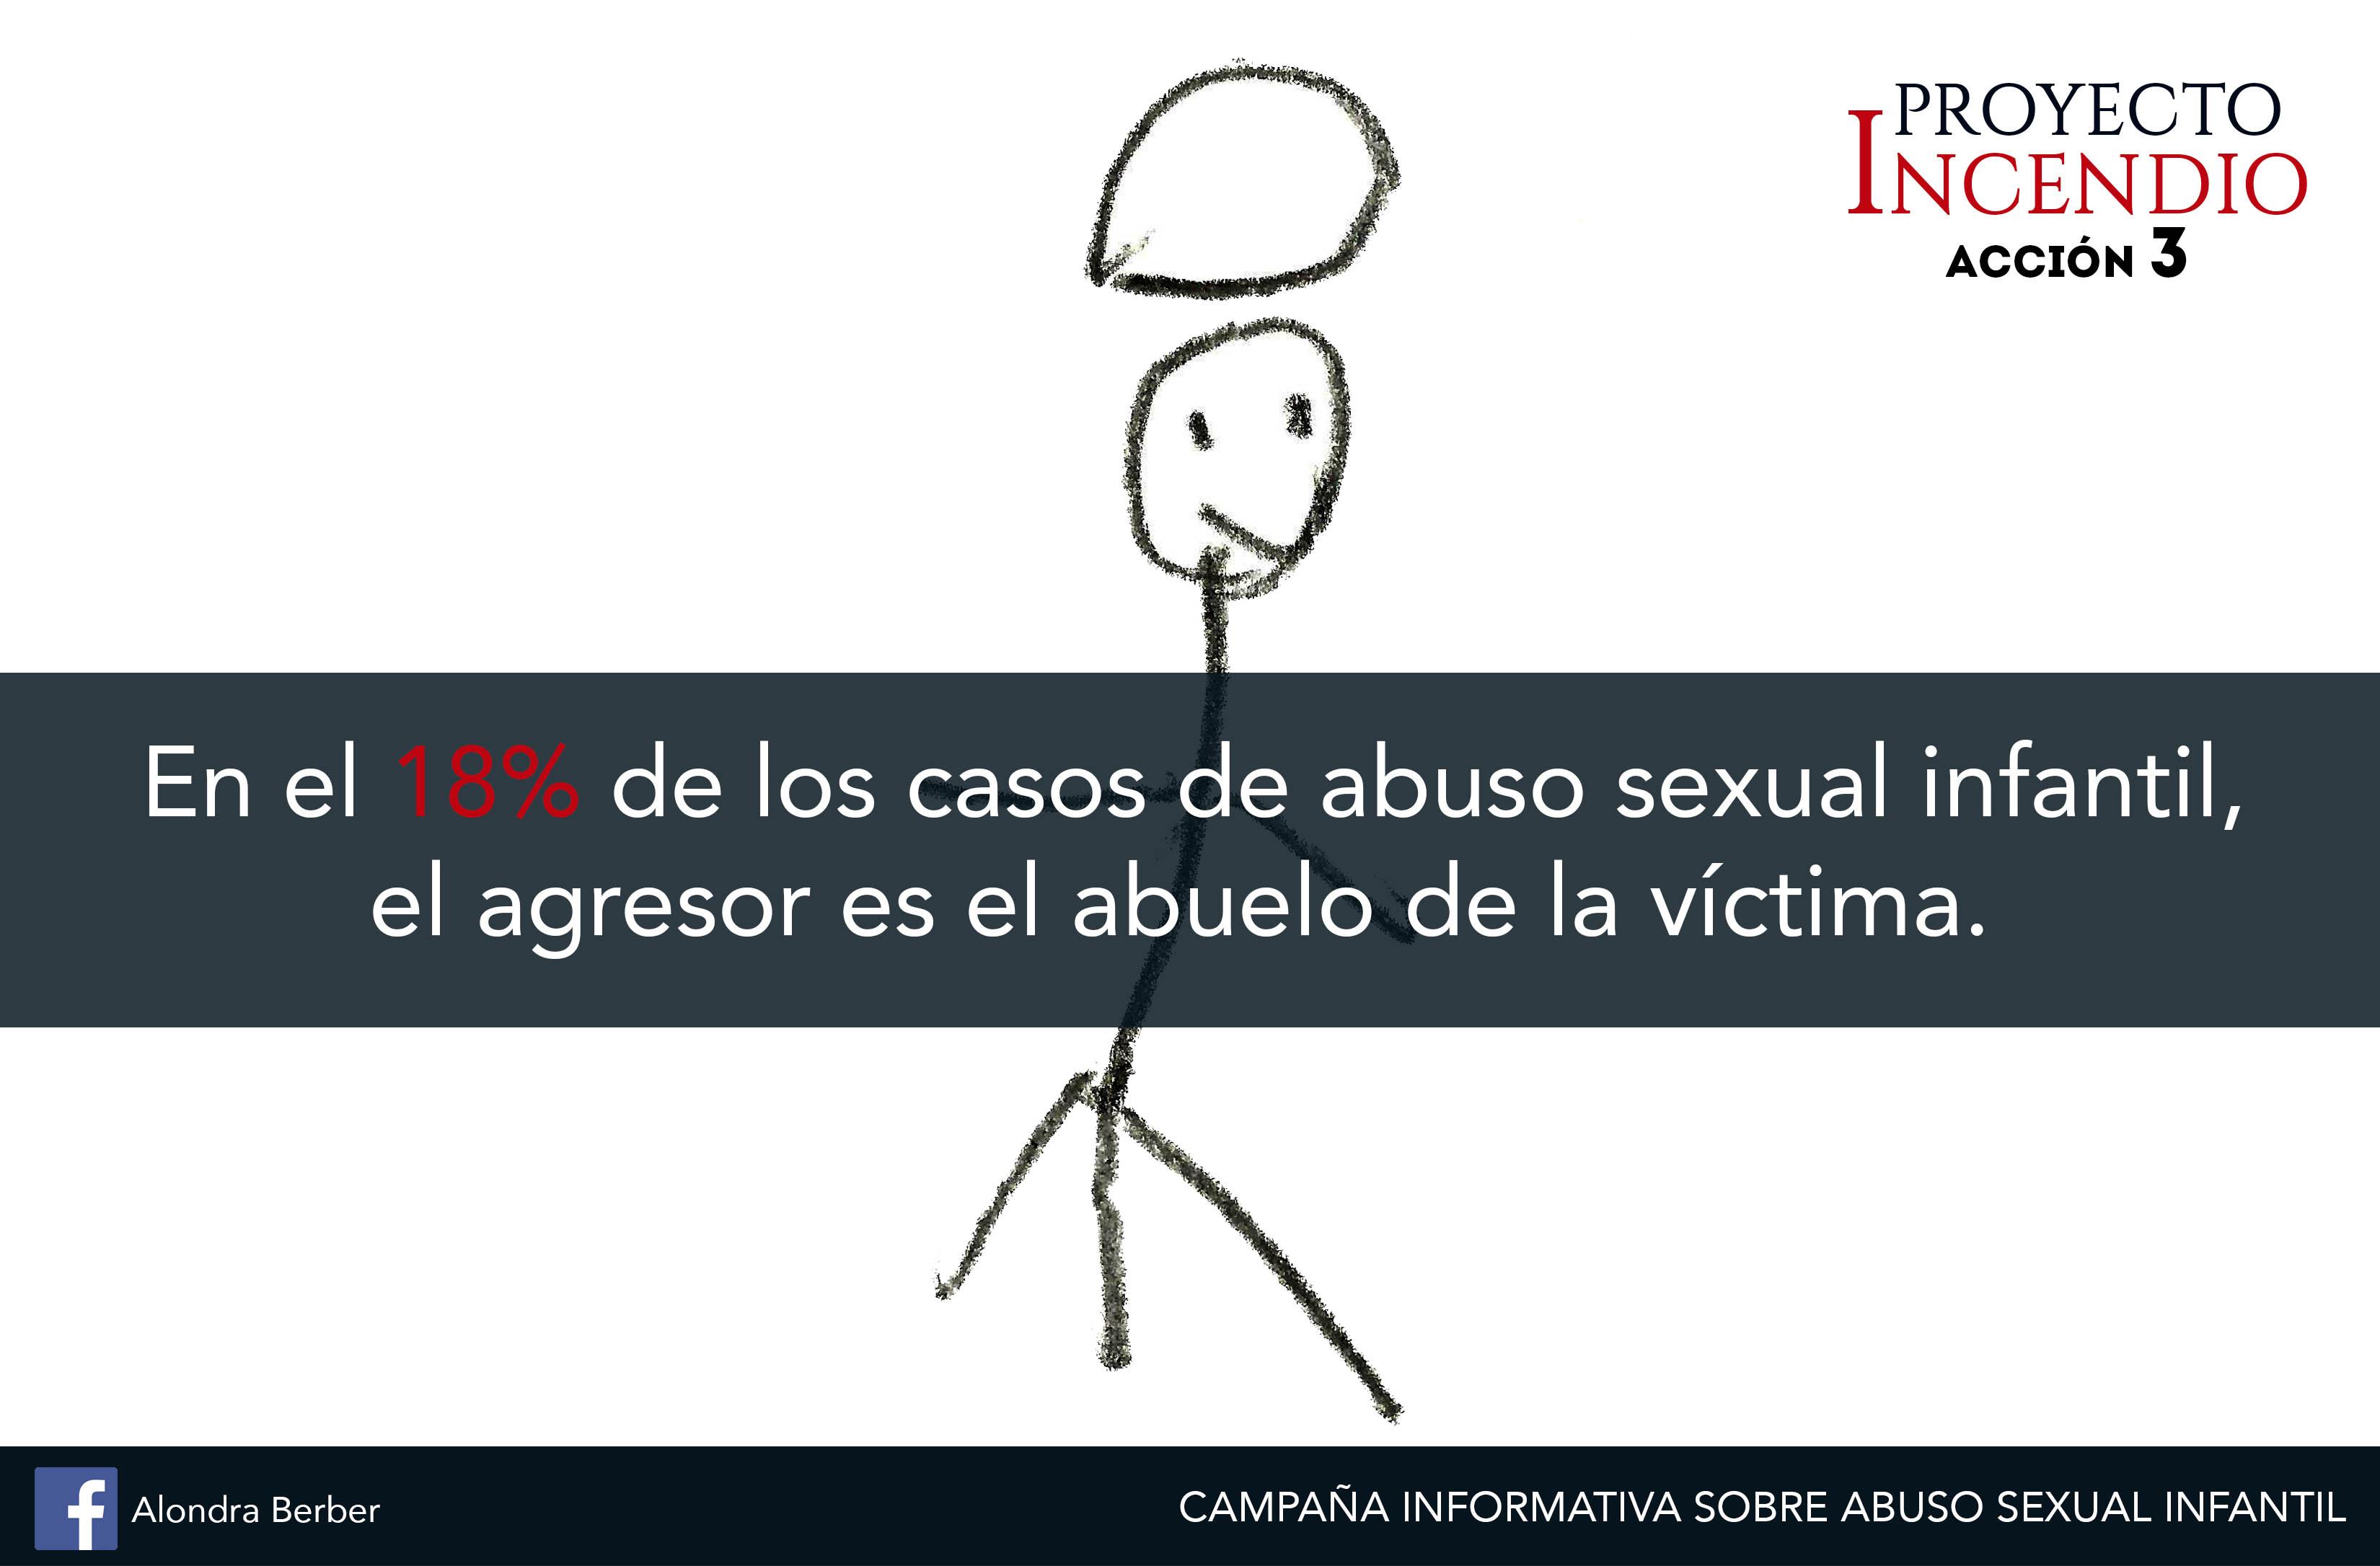 campaña_informativa_el_abuelo